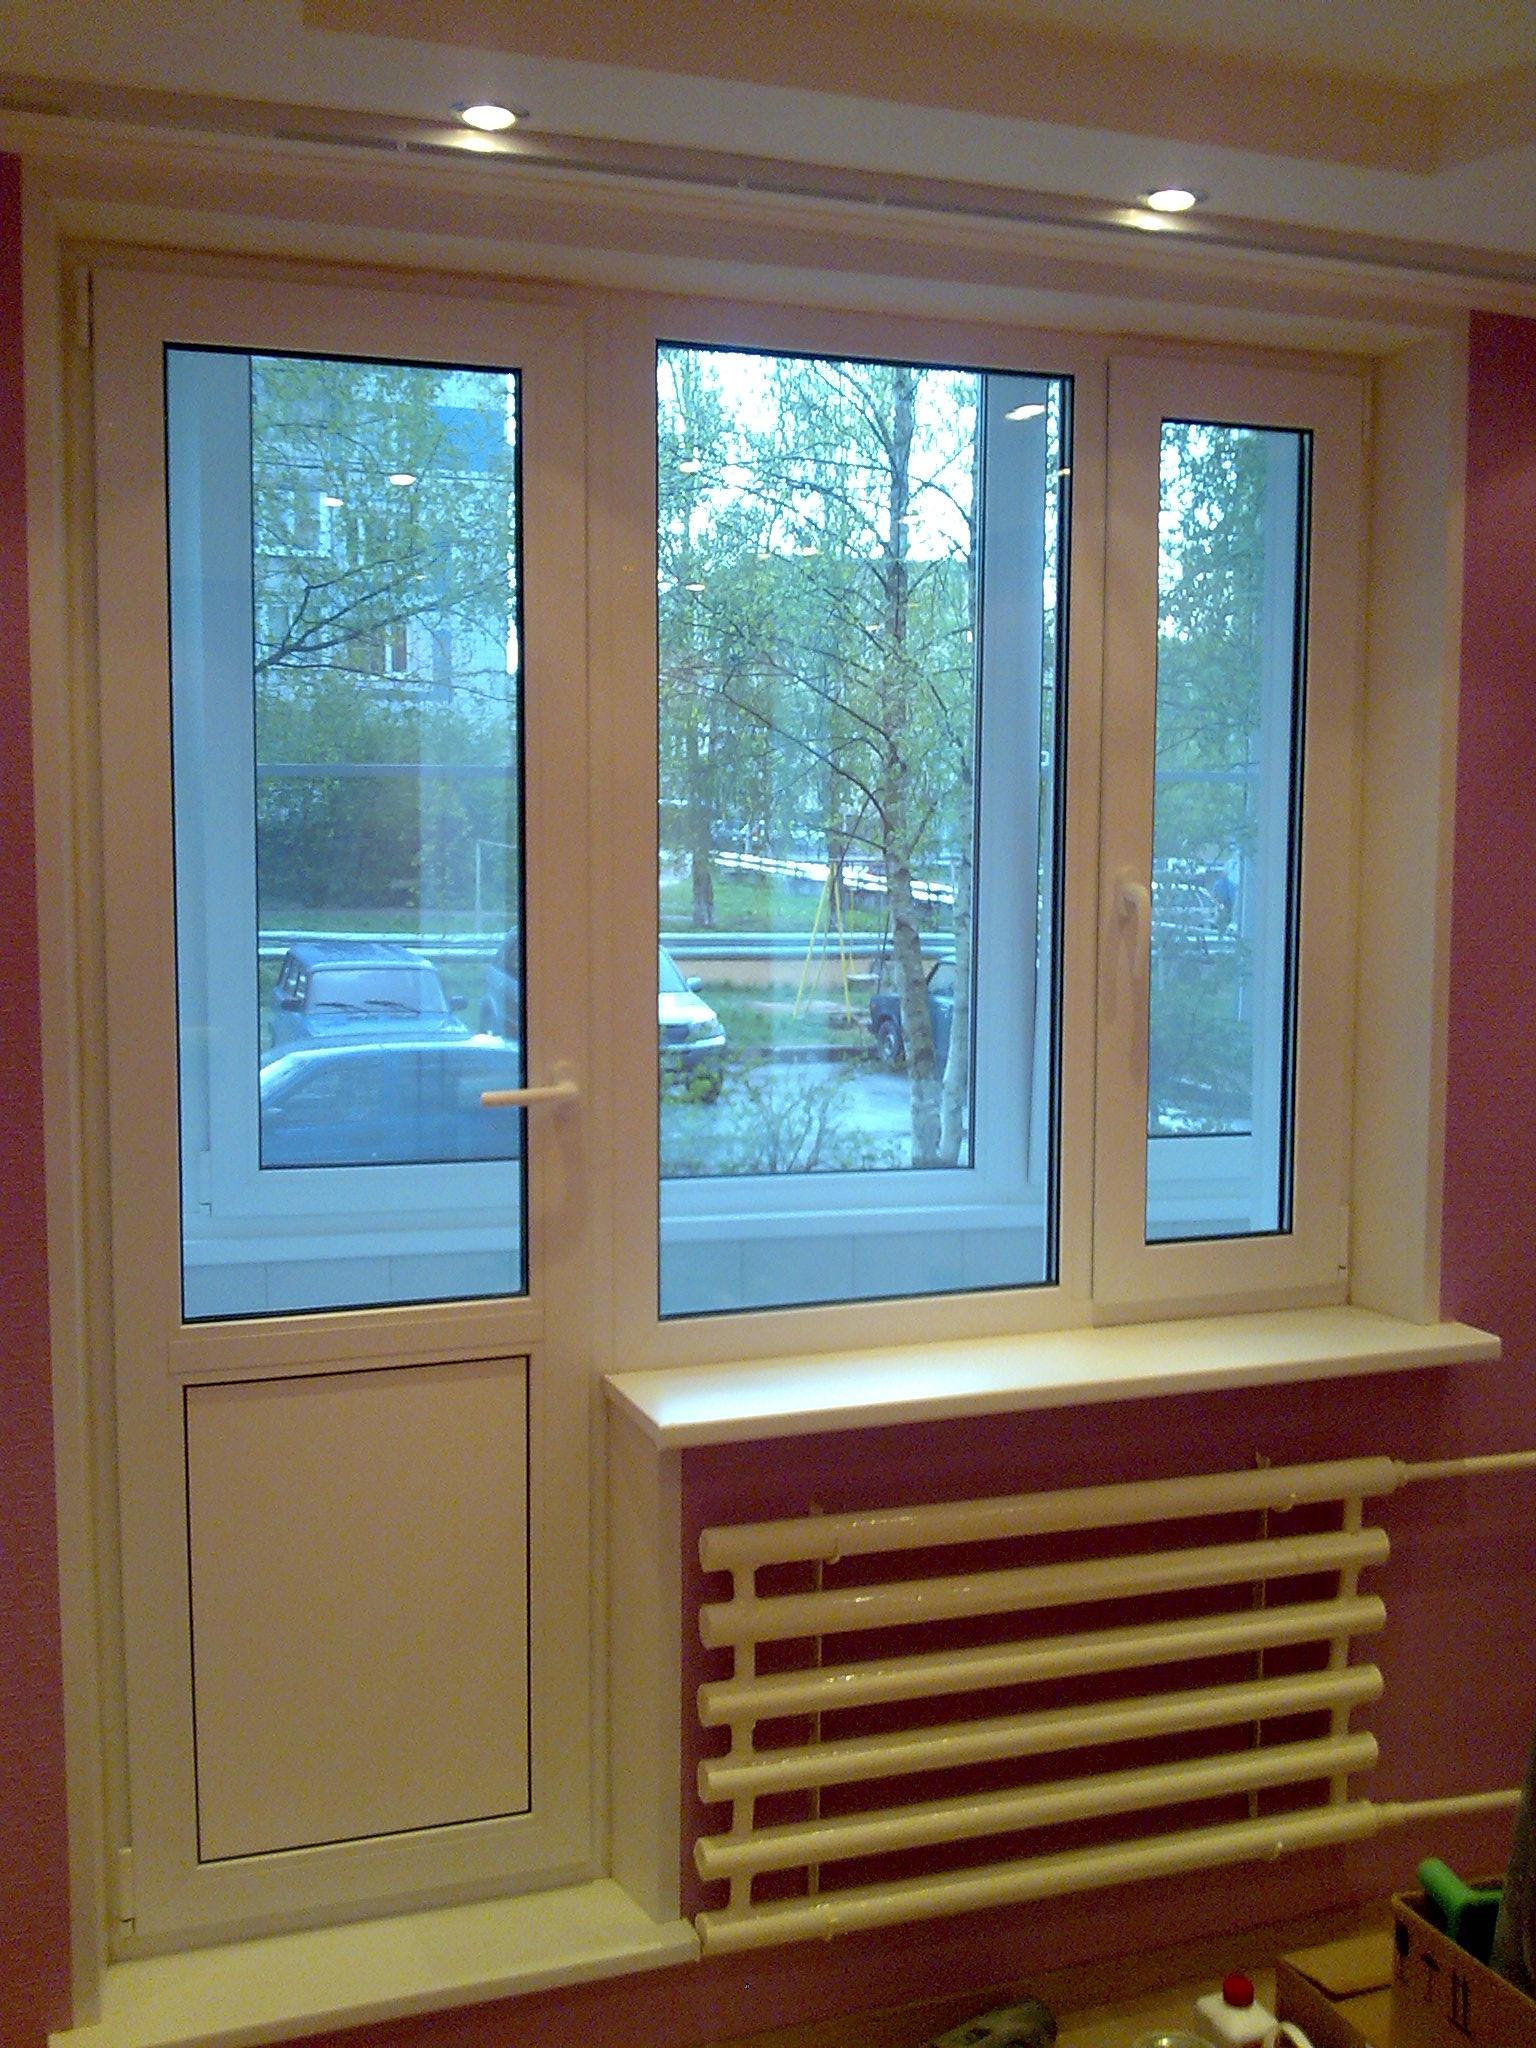 Почему промерзают окна алюминиевые раздвижки на балконе..